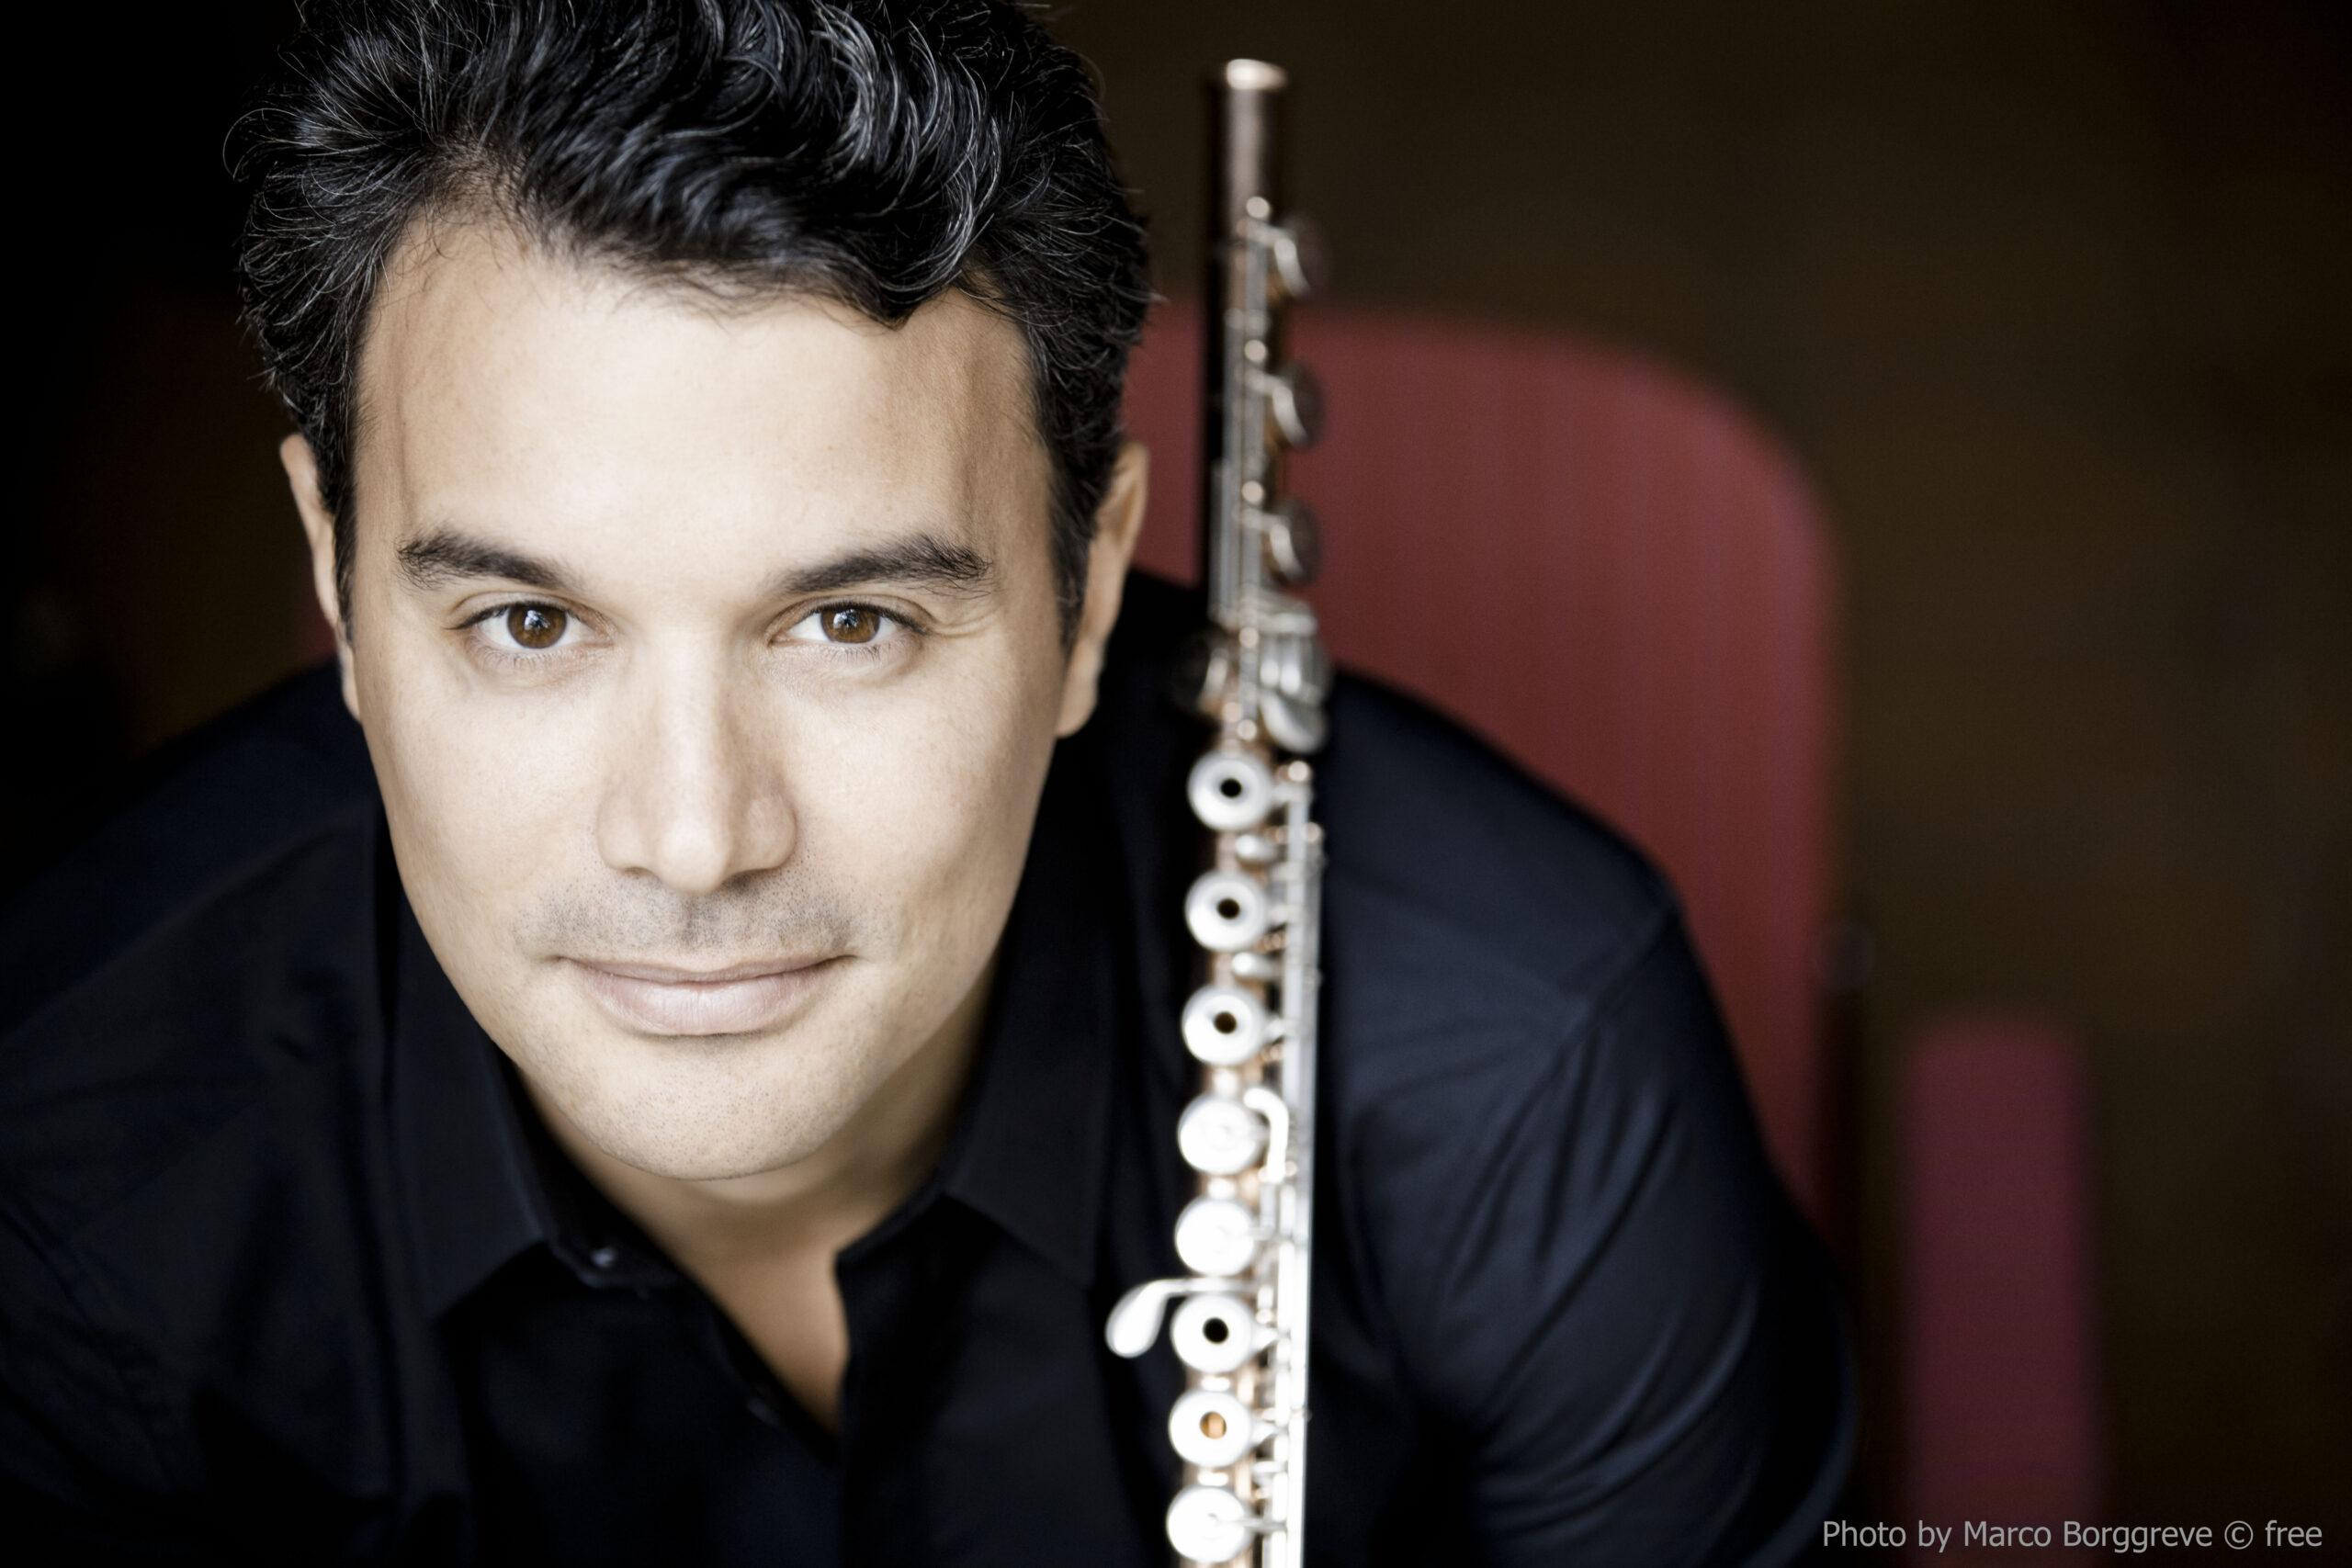 Flautissimo-Concerto la città e il desiderio